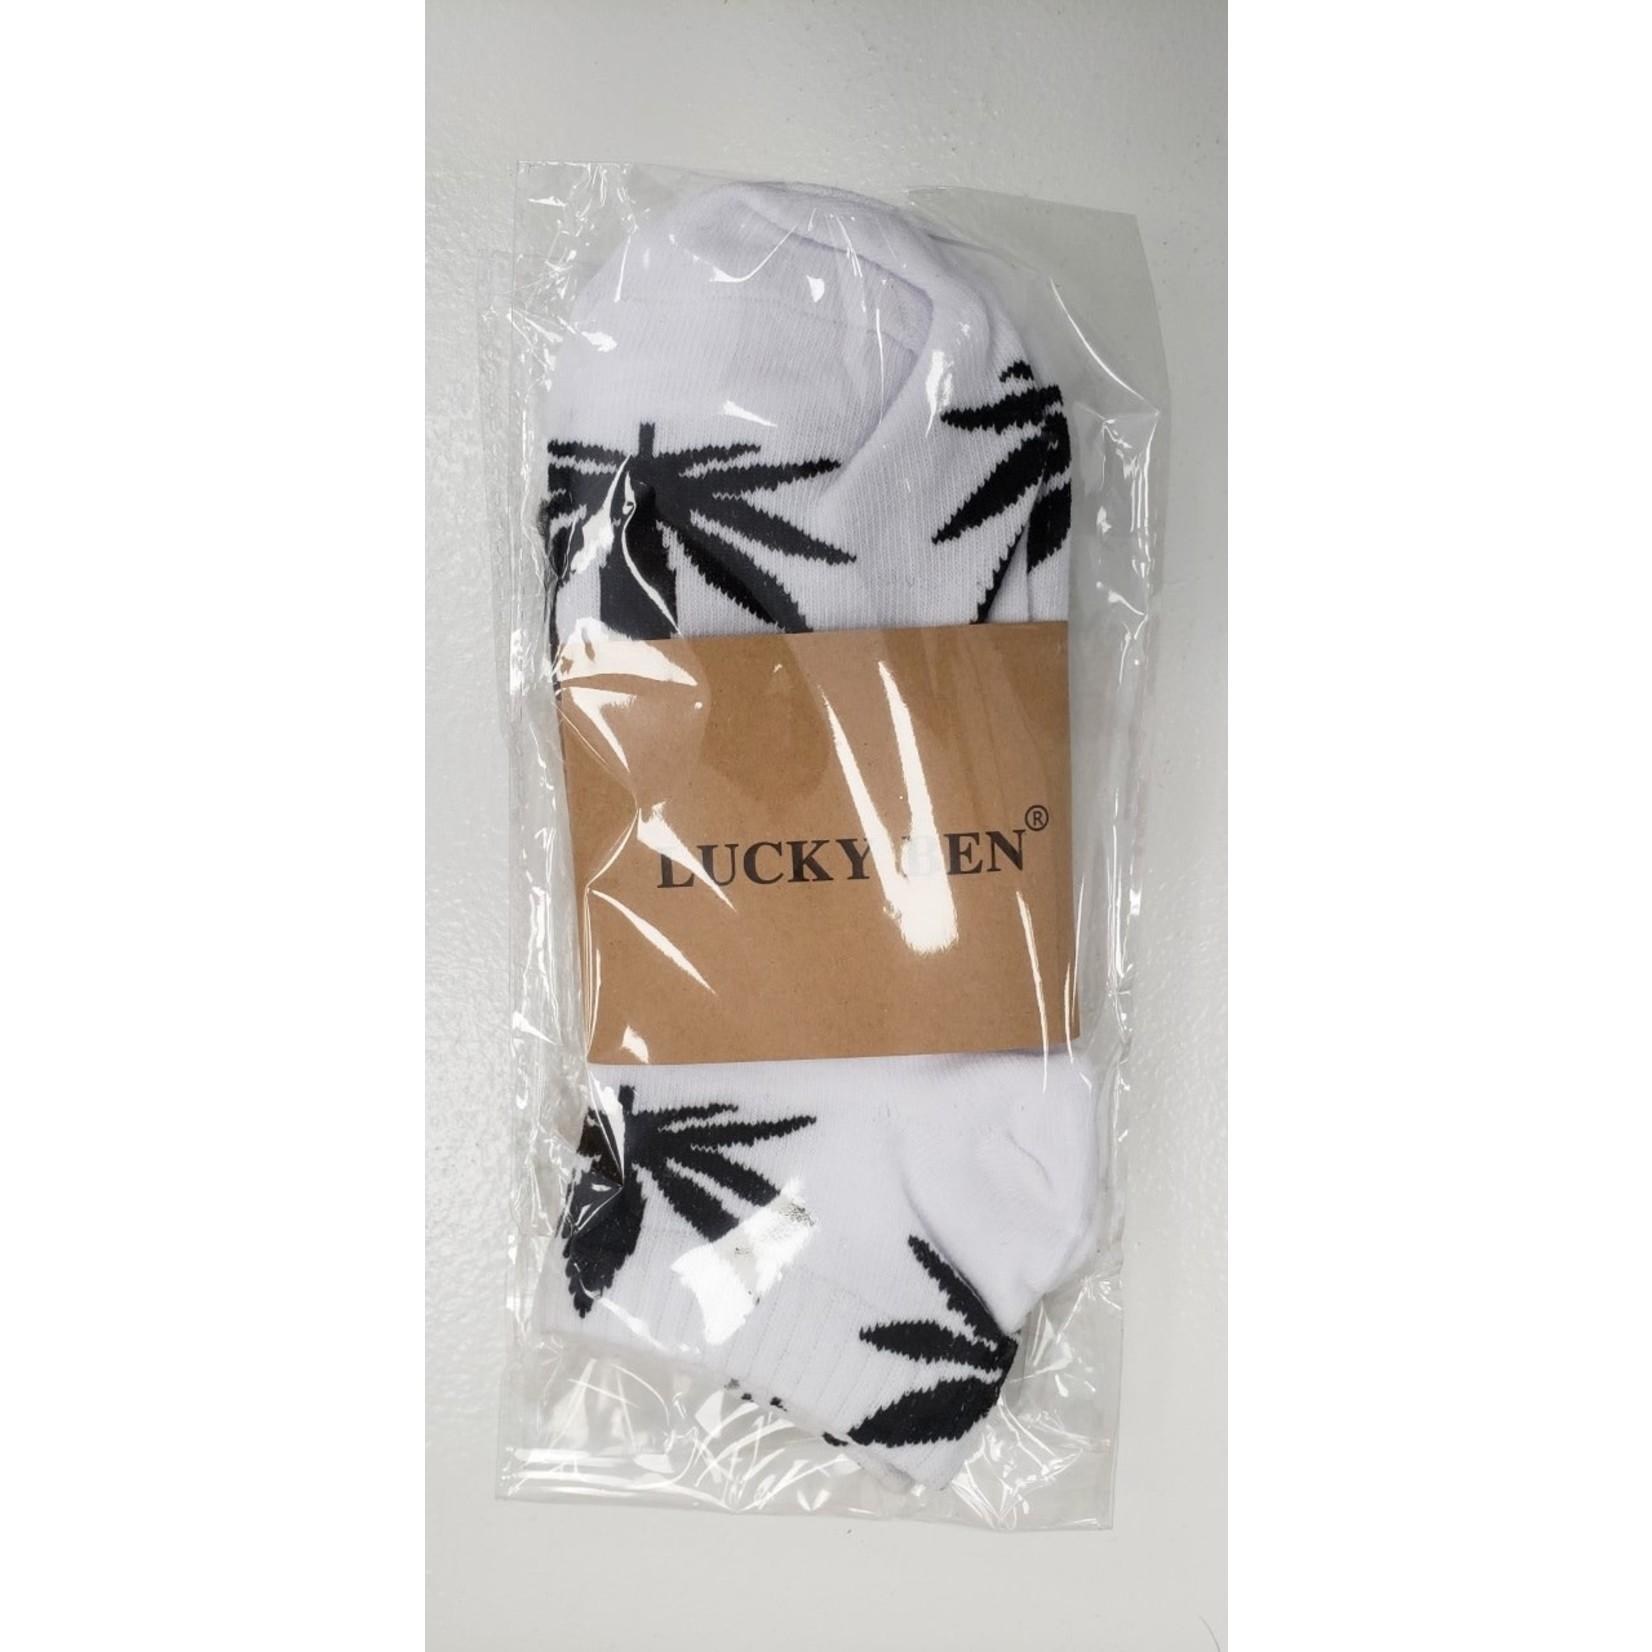 Weed leaf Socks Unisex size US 5.5 - 9.5